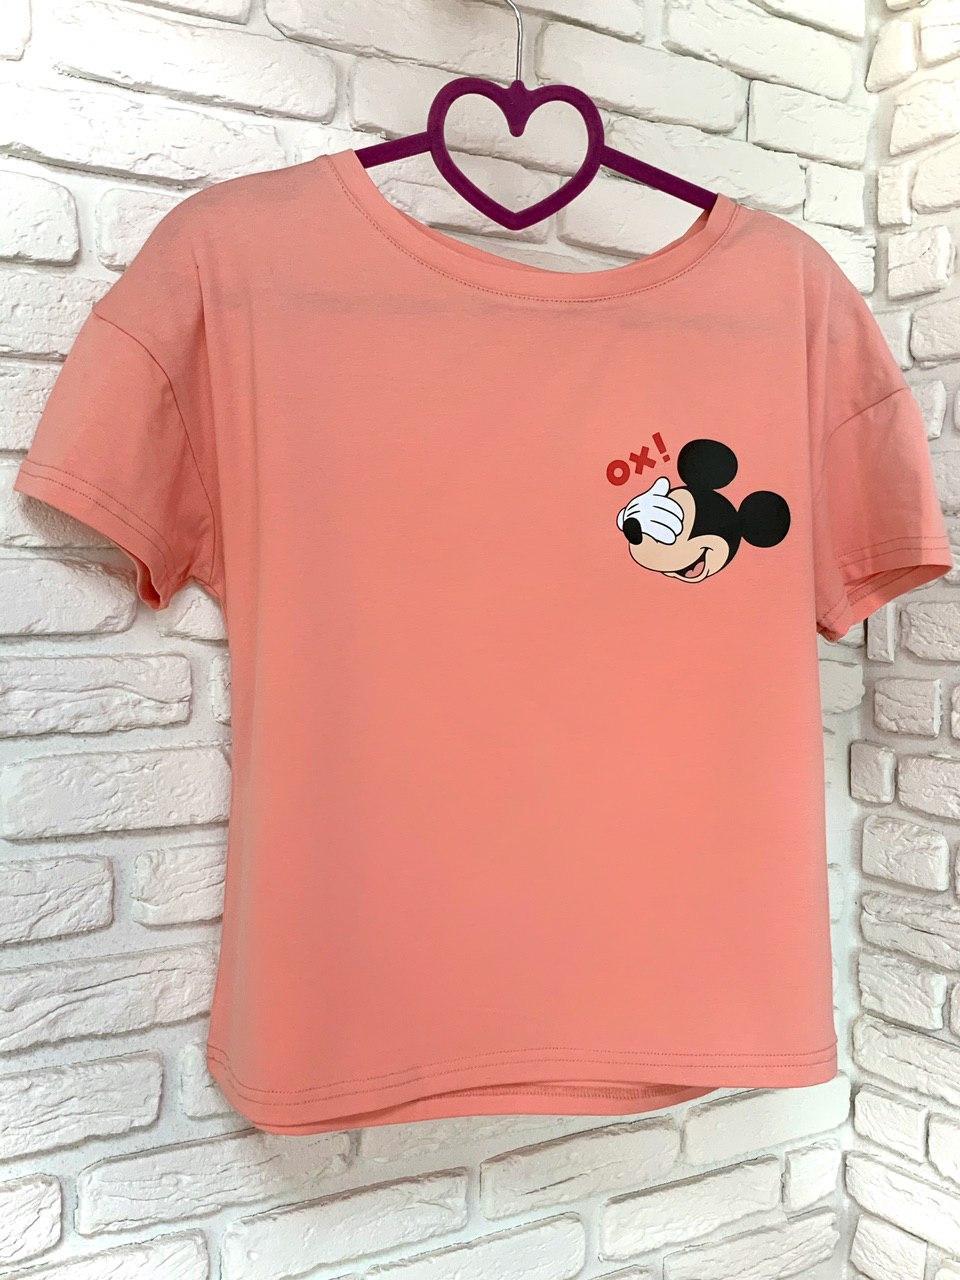 Женская Футболка хлопок с принтом Mickey Mouse микки маус Ox розовая